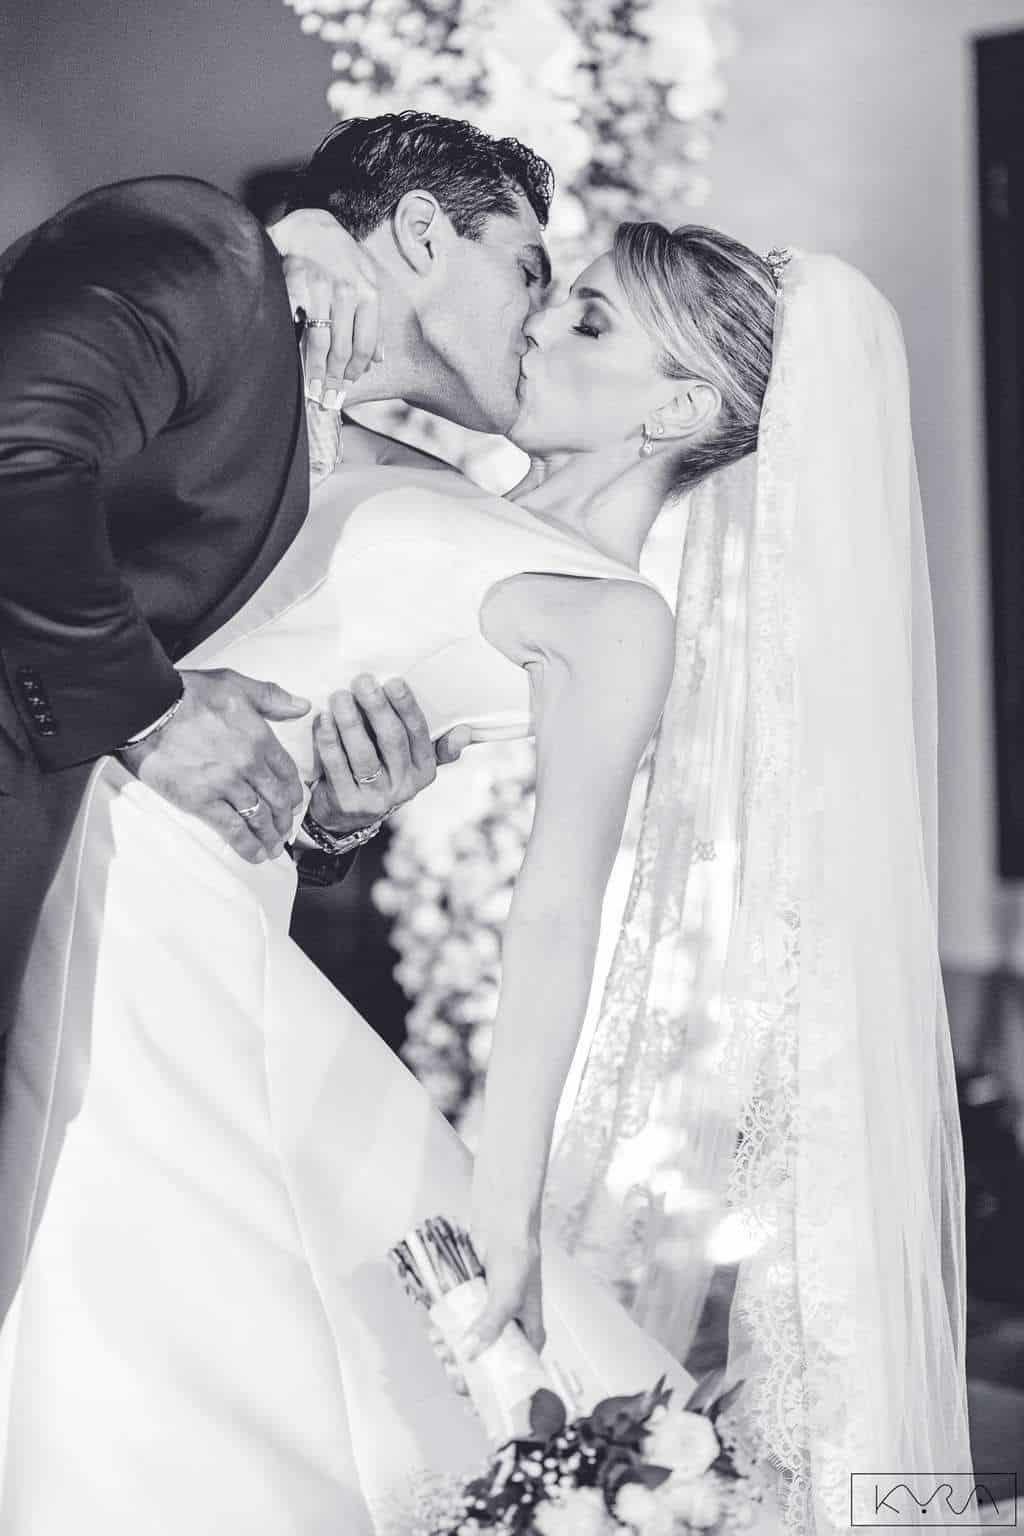 ana-carolina-e-bernardo-Anna-Carolina-Werneck-beleza-da-noiva-casamento-tradicional-Gavea-Golf-Club-Kyra-Mirsky-making-of-mini-wedding-noivos-verde-e-rosa-casamento-76